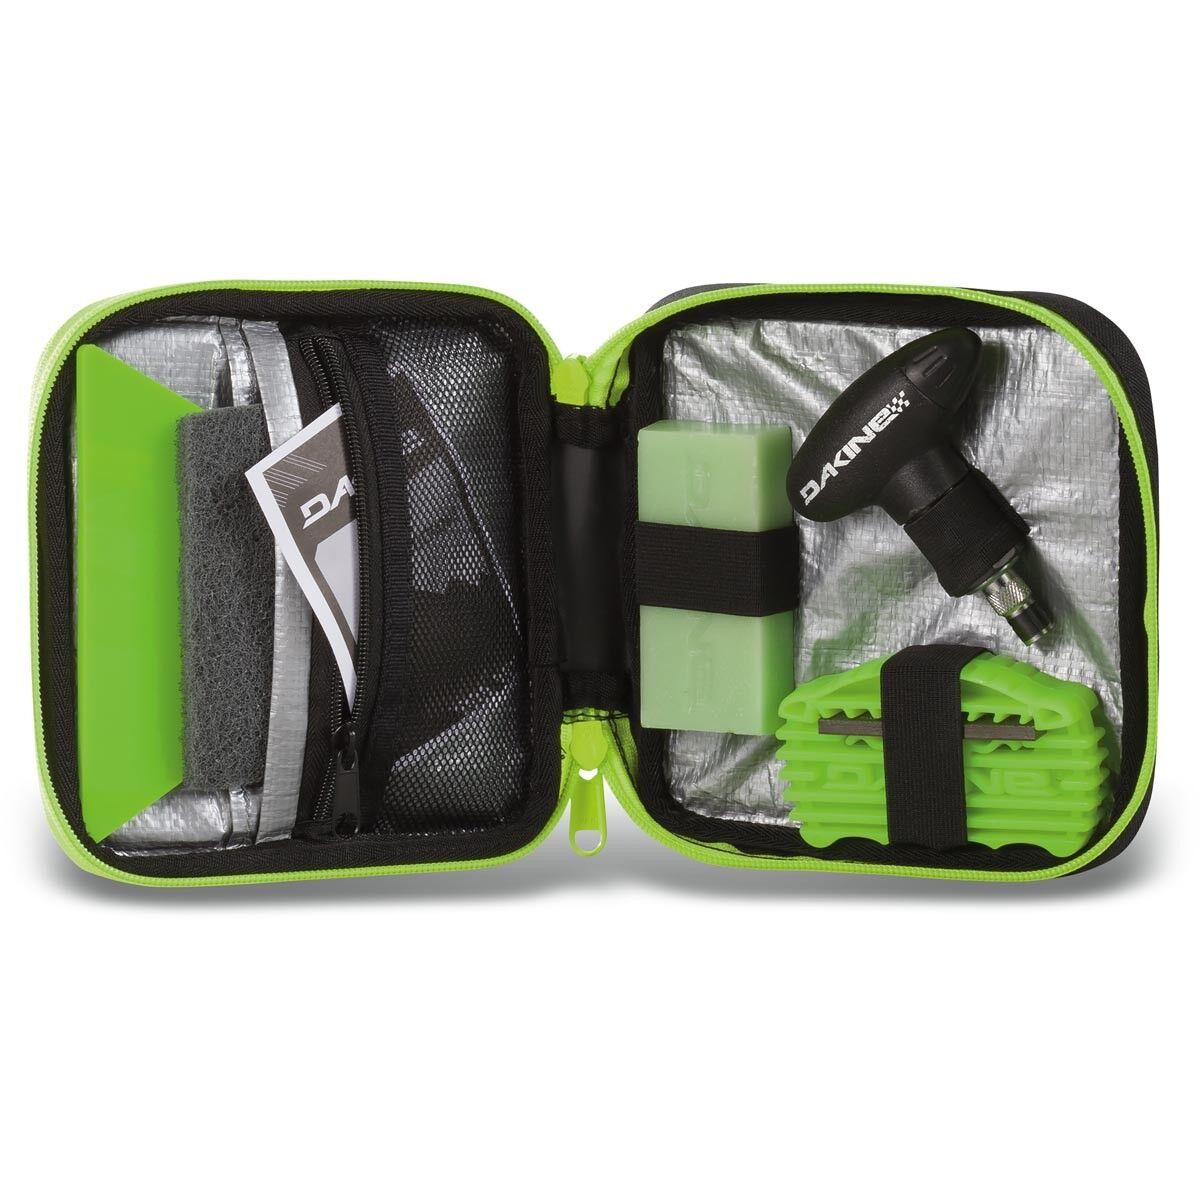 DAKINE quick tuning ski kit pour snowboard planche de snowboard pour ou le ski 7779c1